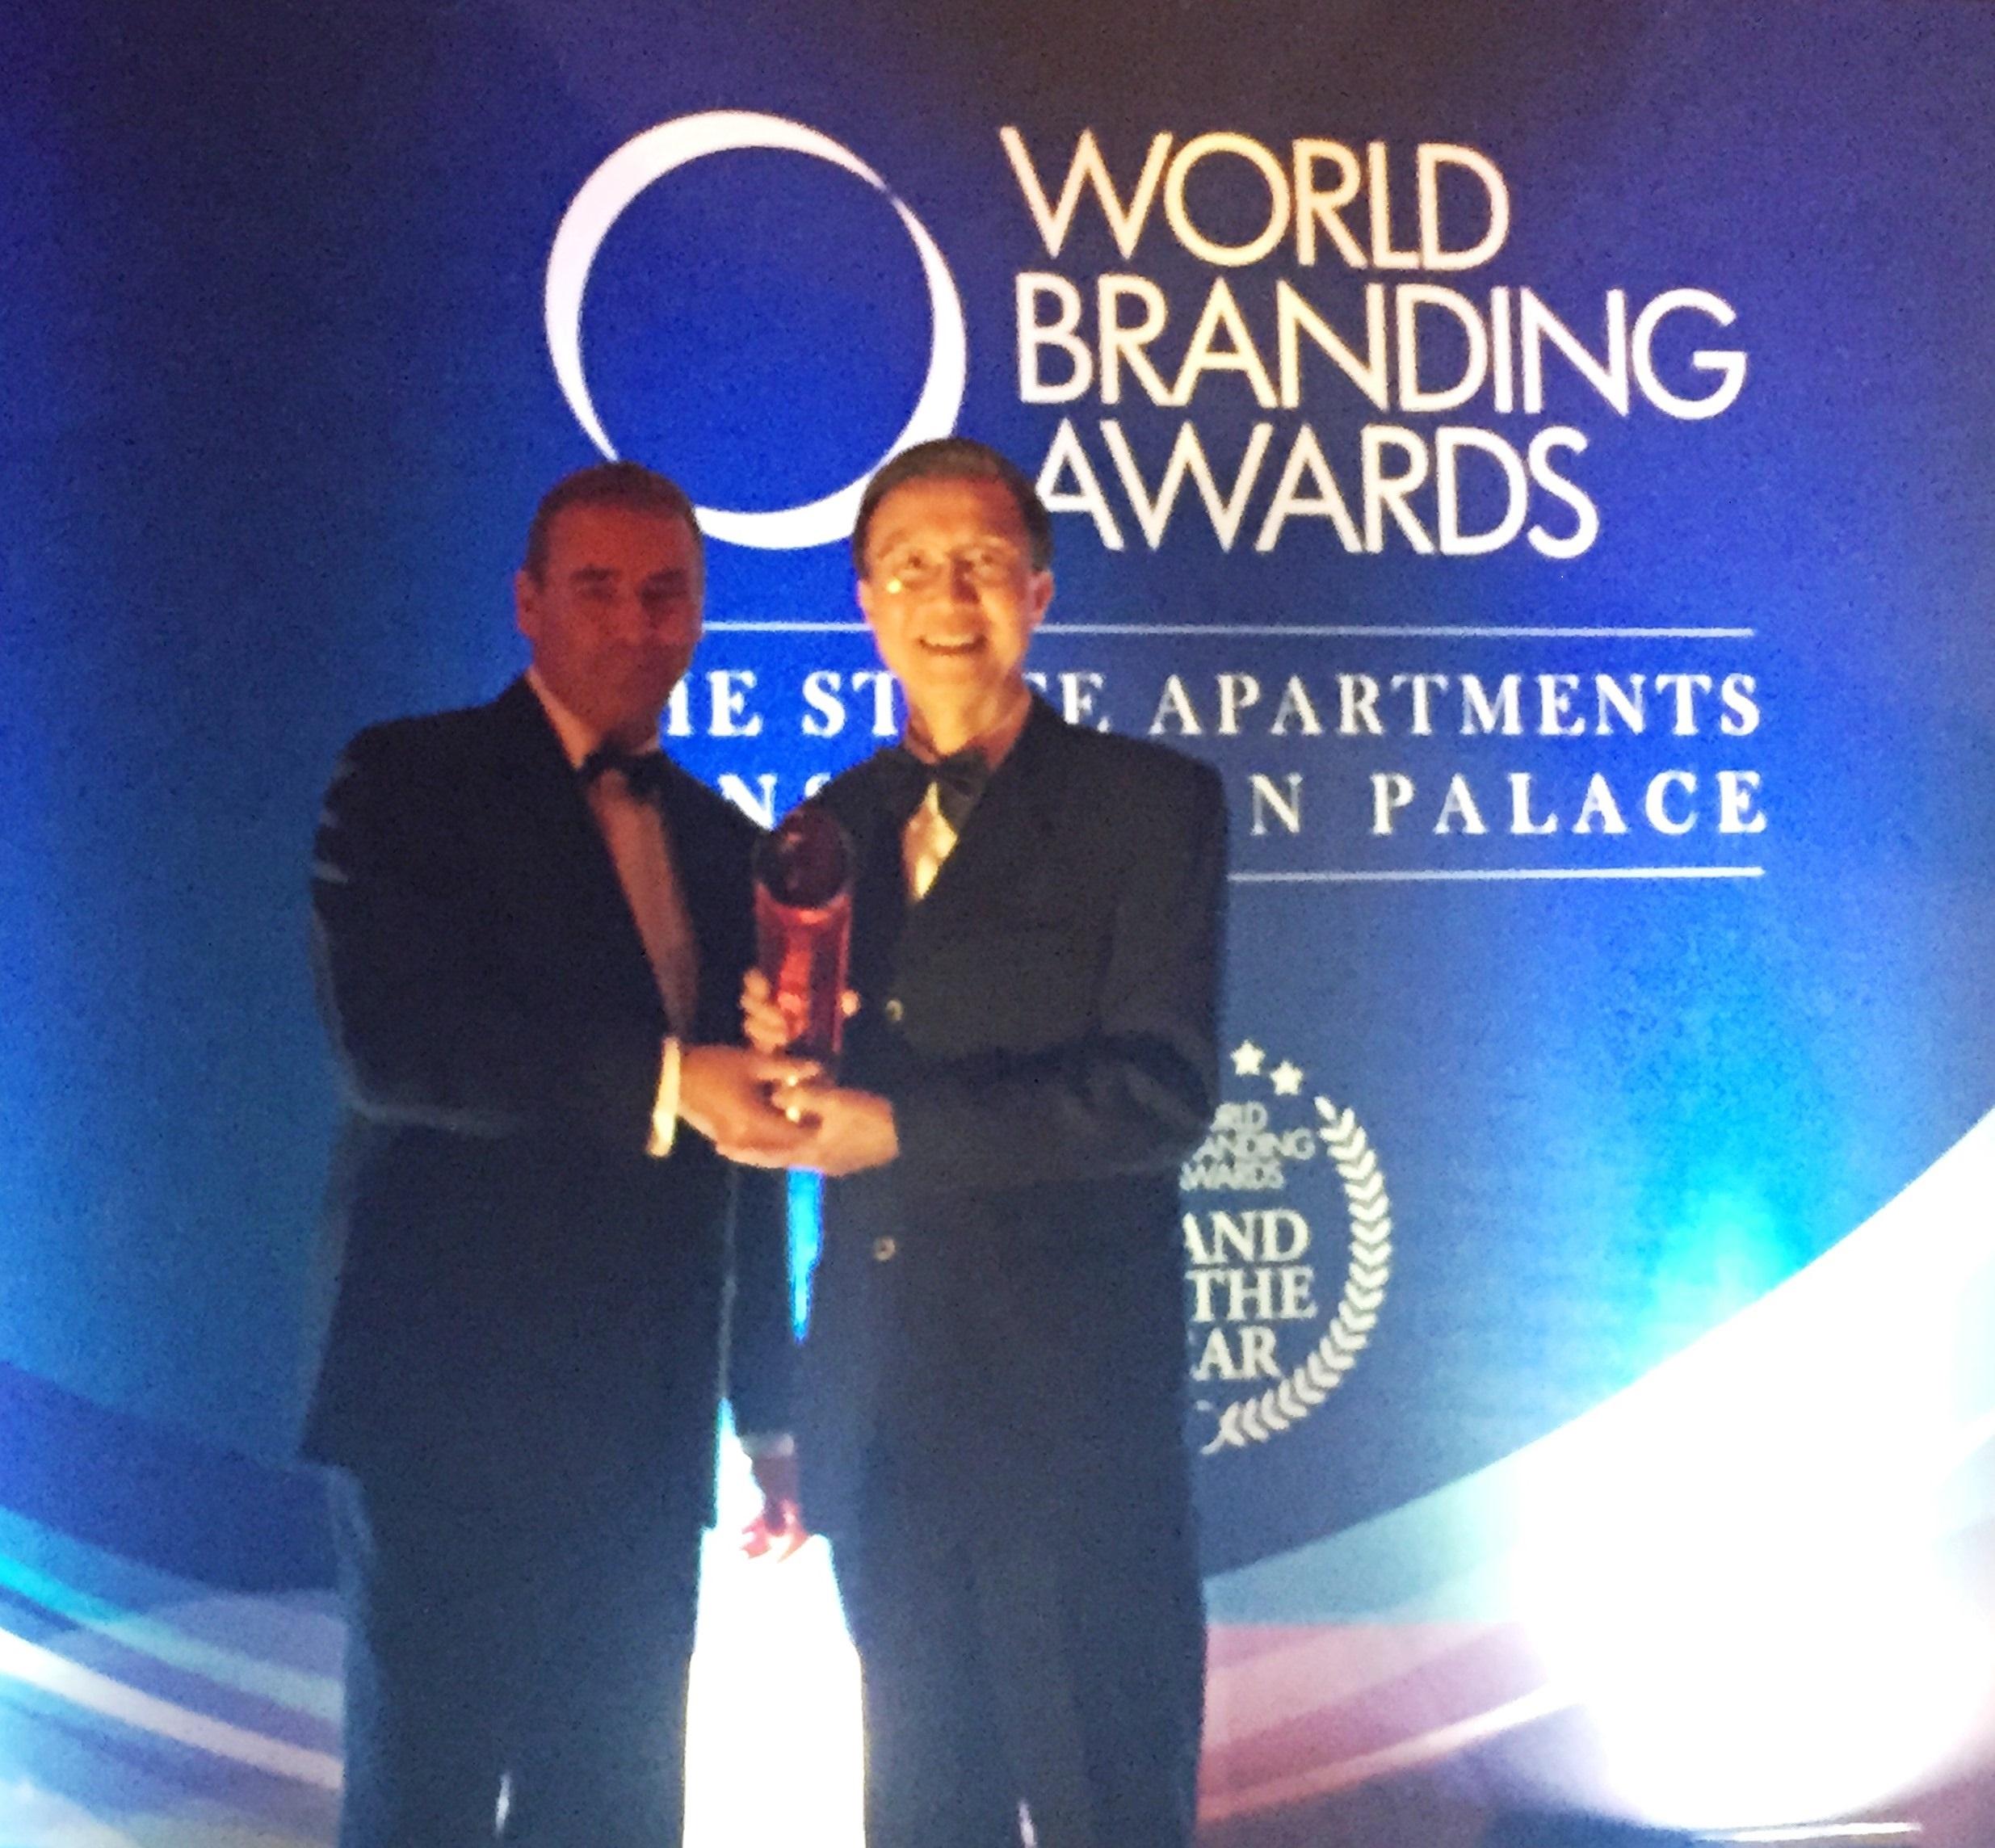 中華電信品牌遠播海外 榮獲「世界品牌獎」